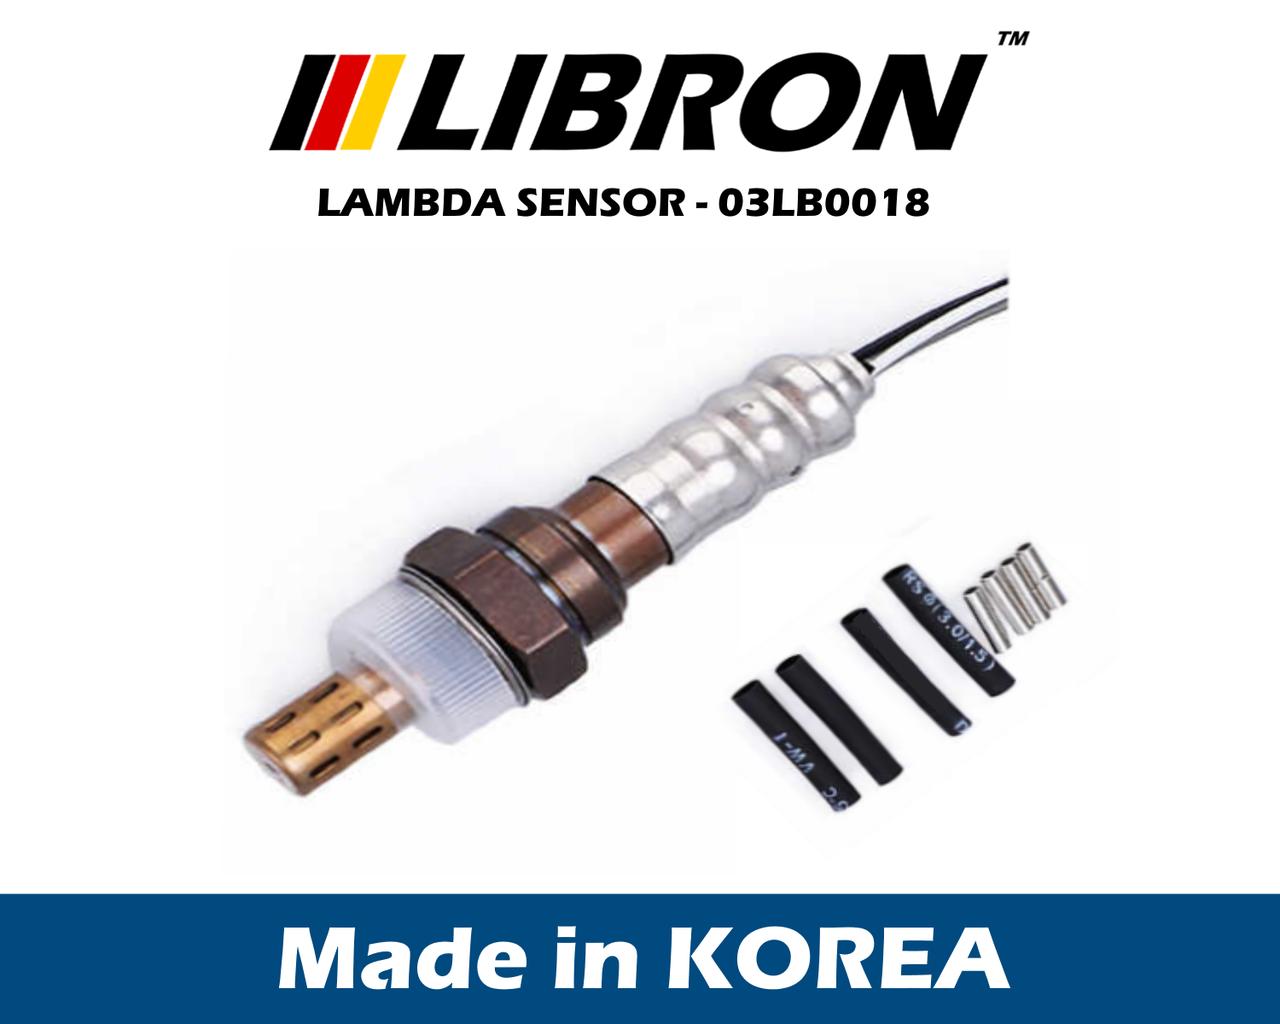 Лямбда зонд Libron 03LB0018 - Peugeot 206 седан